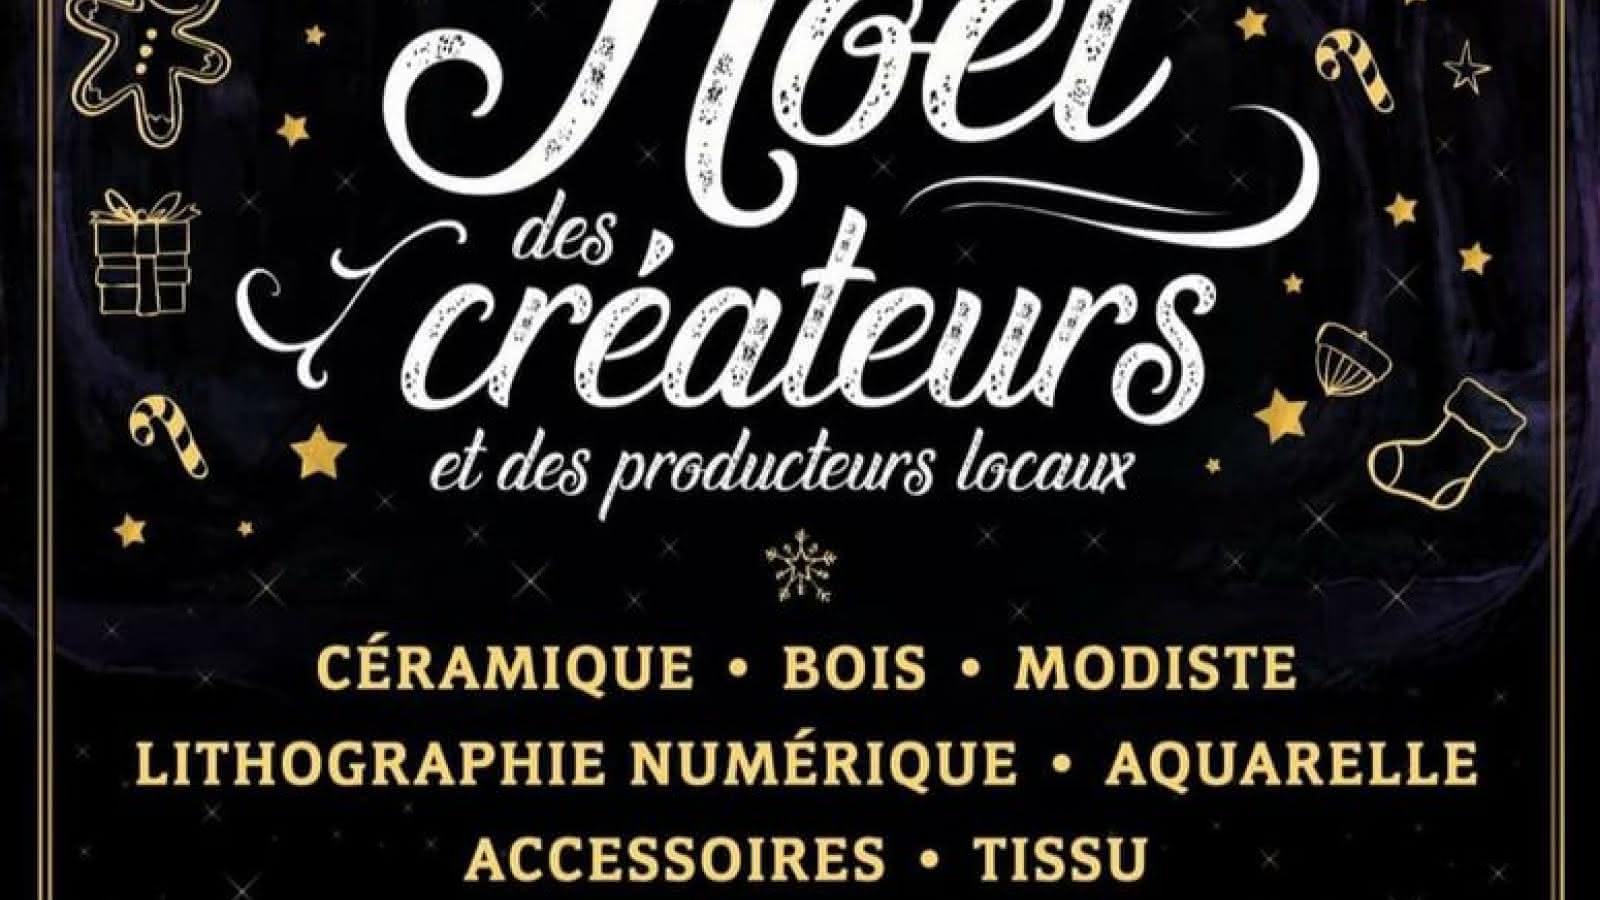 © Noël des créateurs et des producteurs locaux